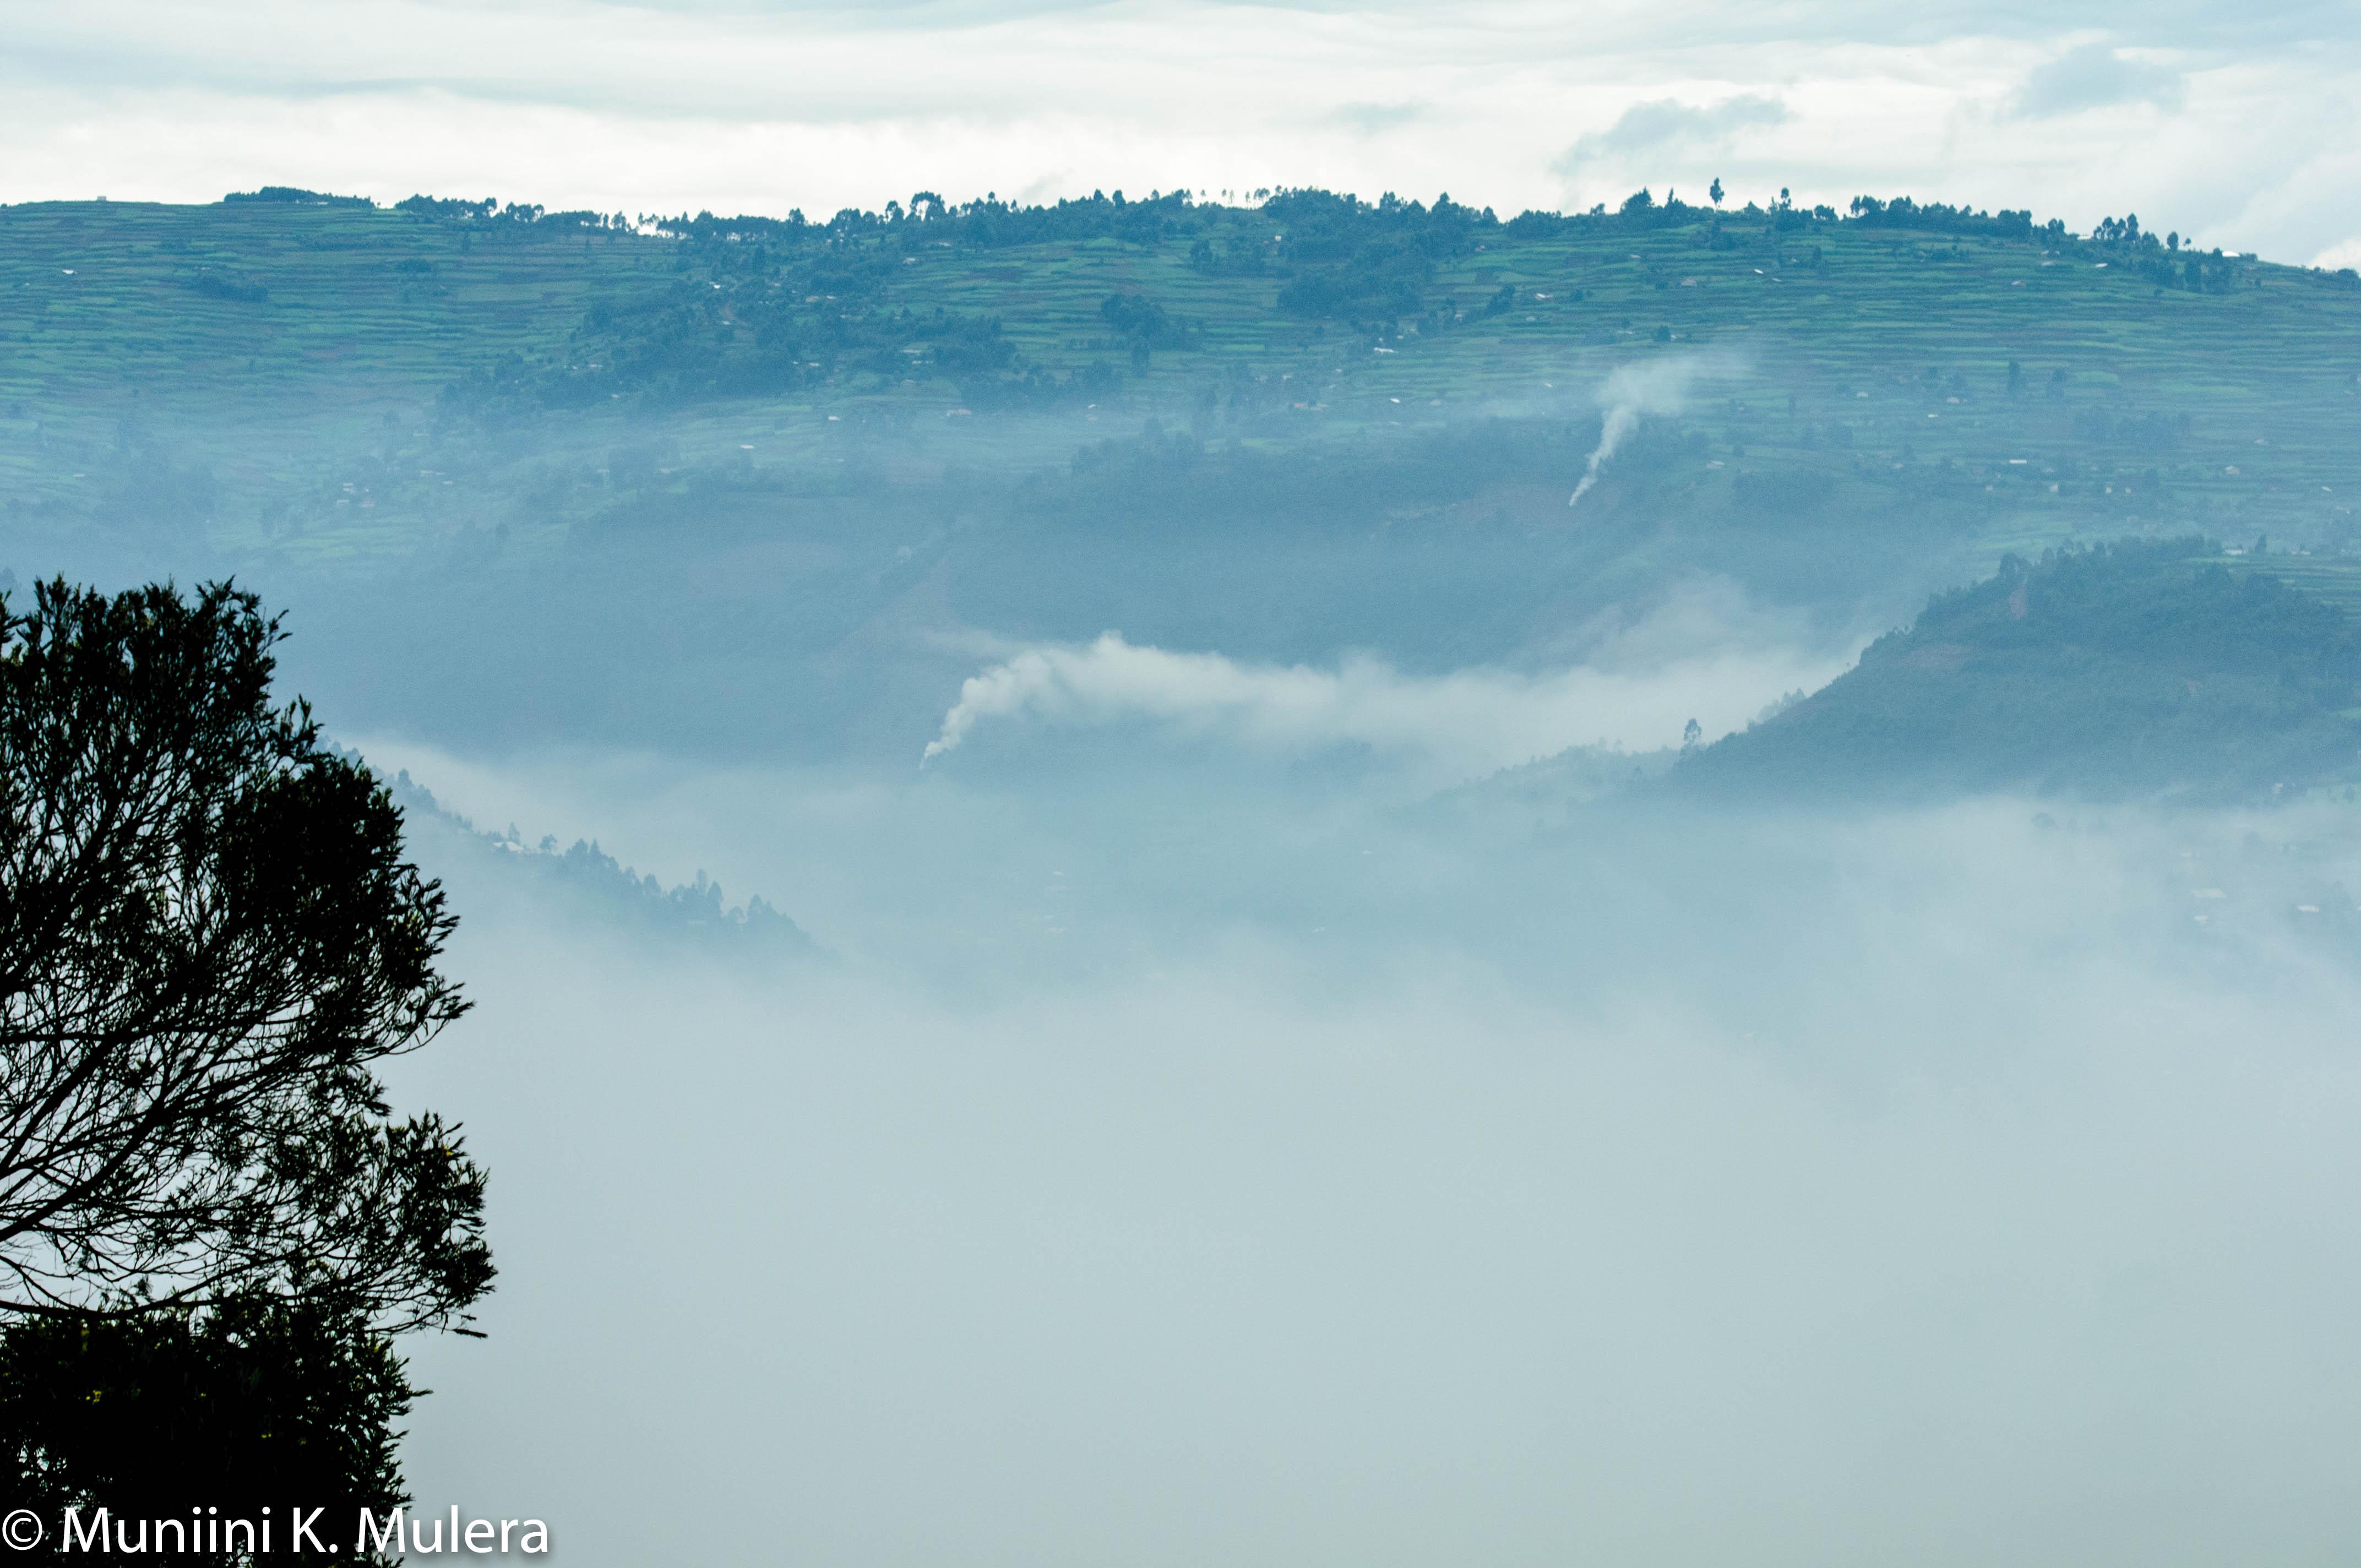 Kabale misty morning